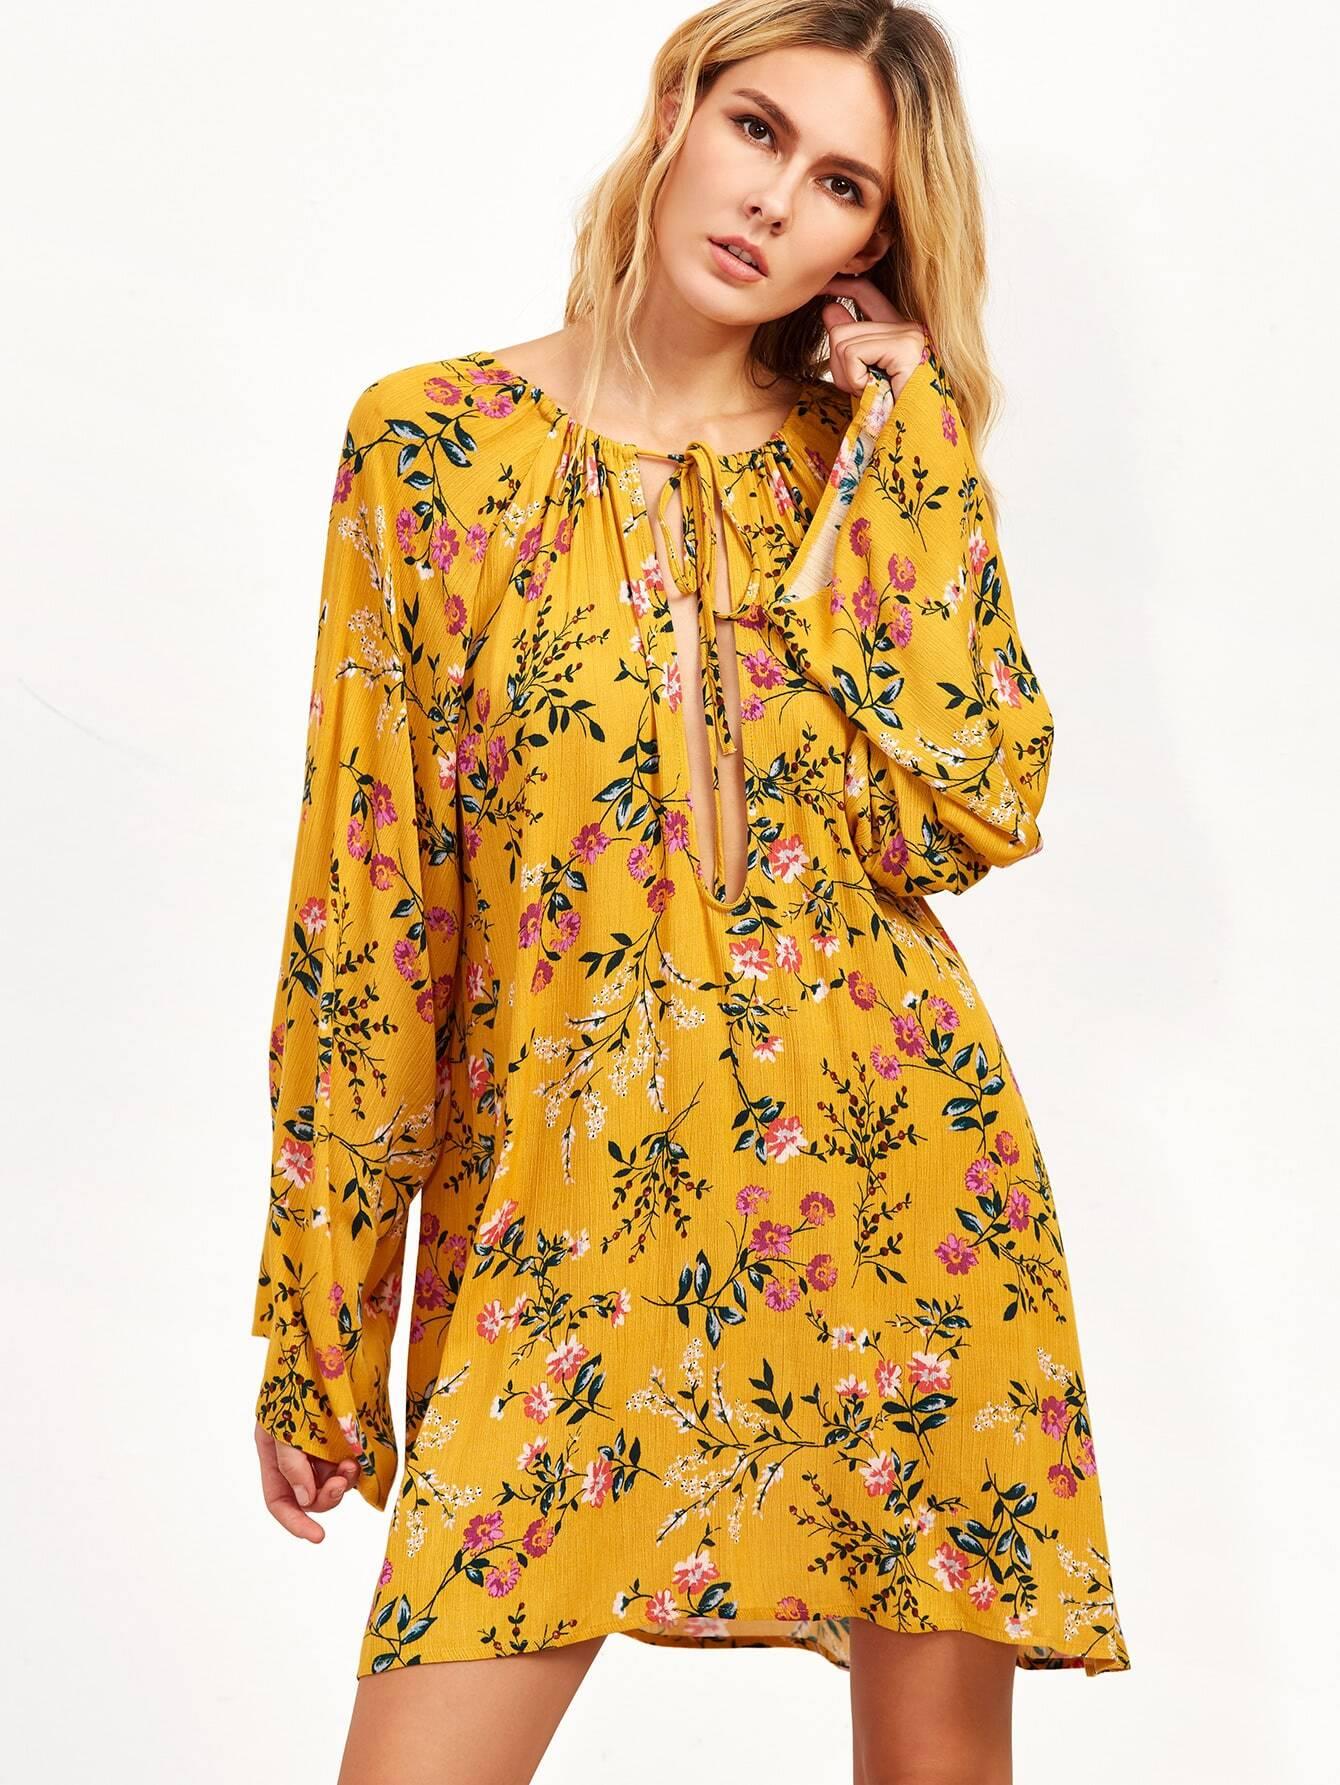 dress161006474_2